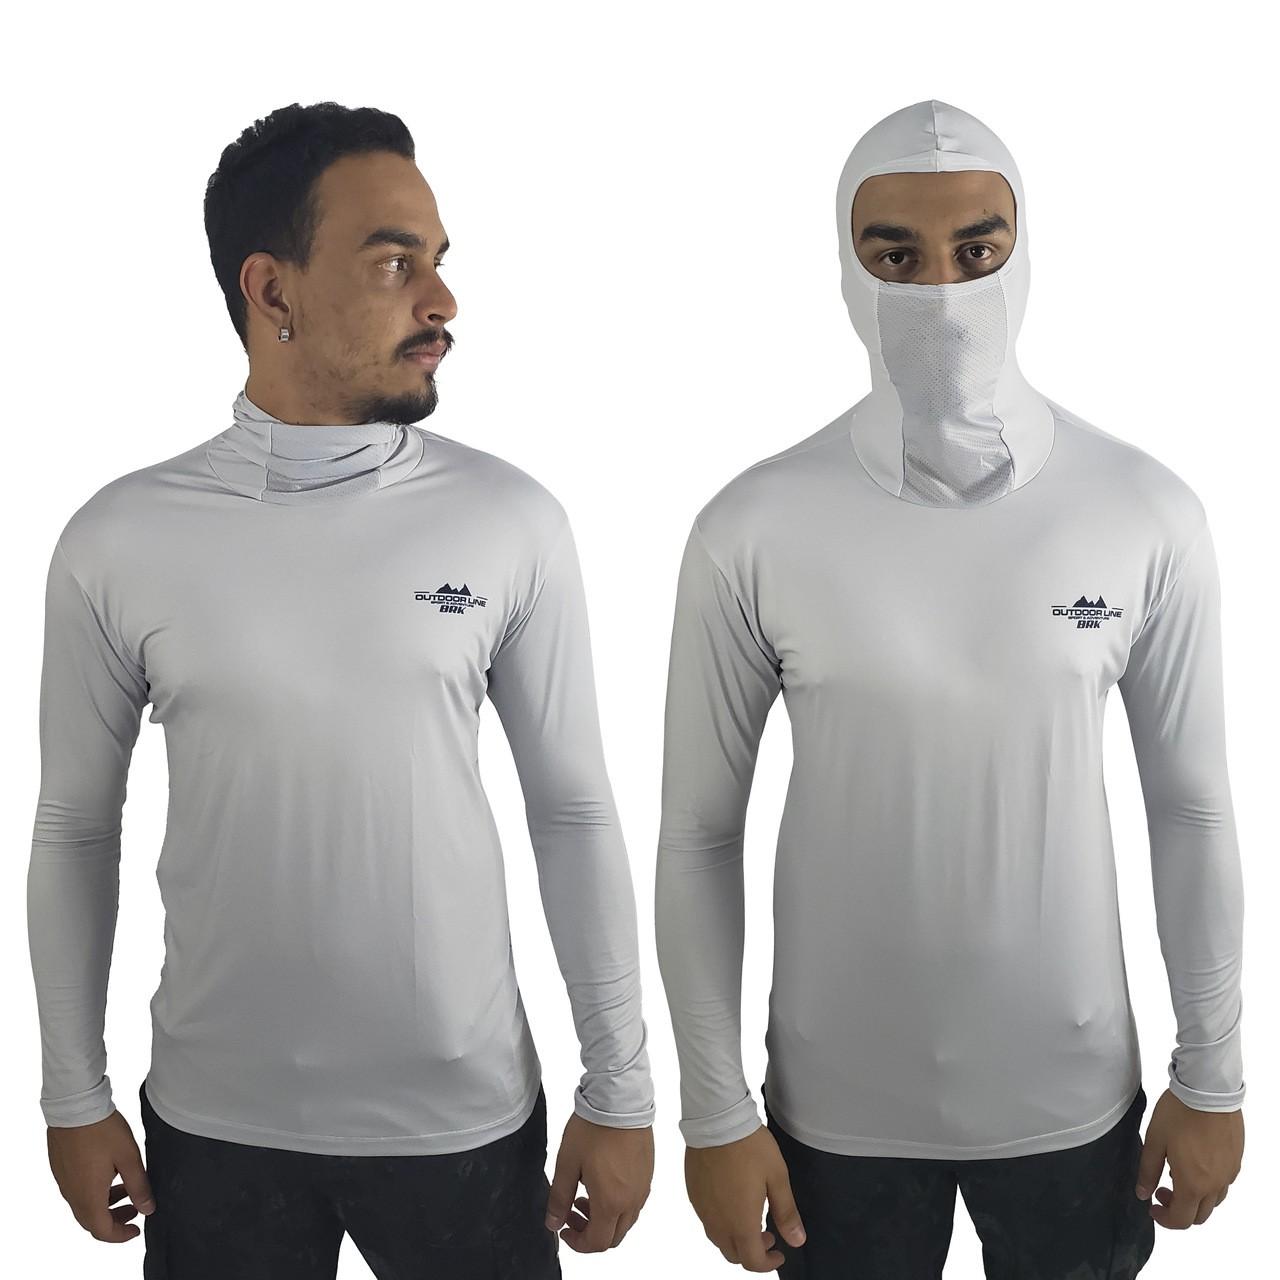 Camisa de Pesca com Capuz Ninja BRK Cinza Claro com fpu50+